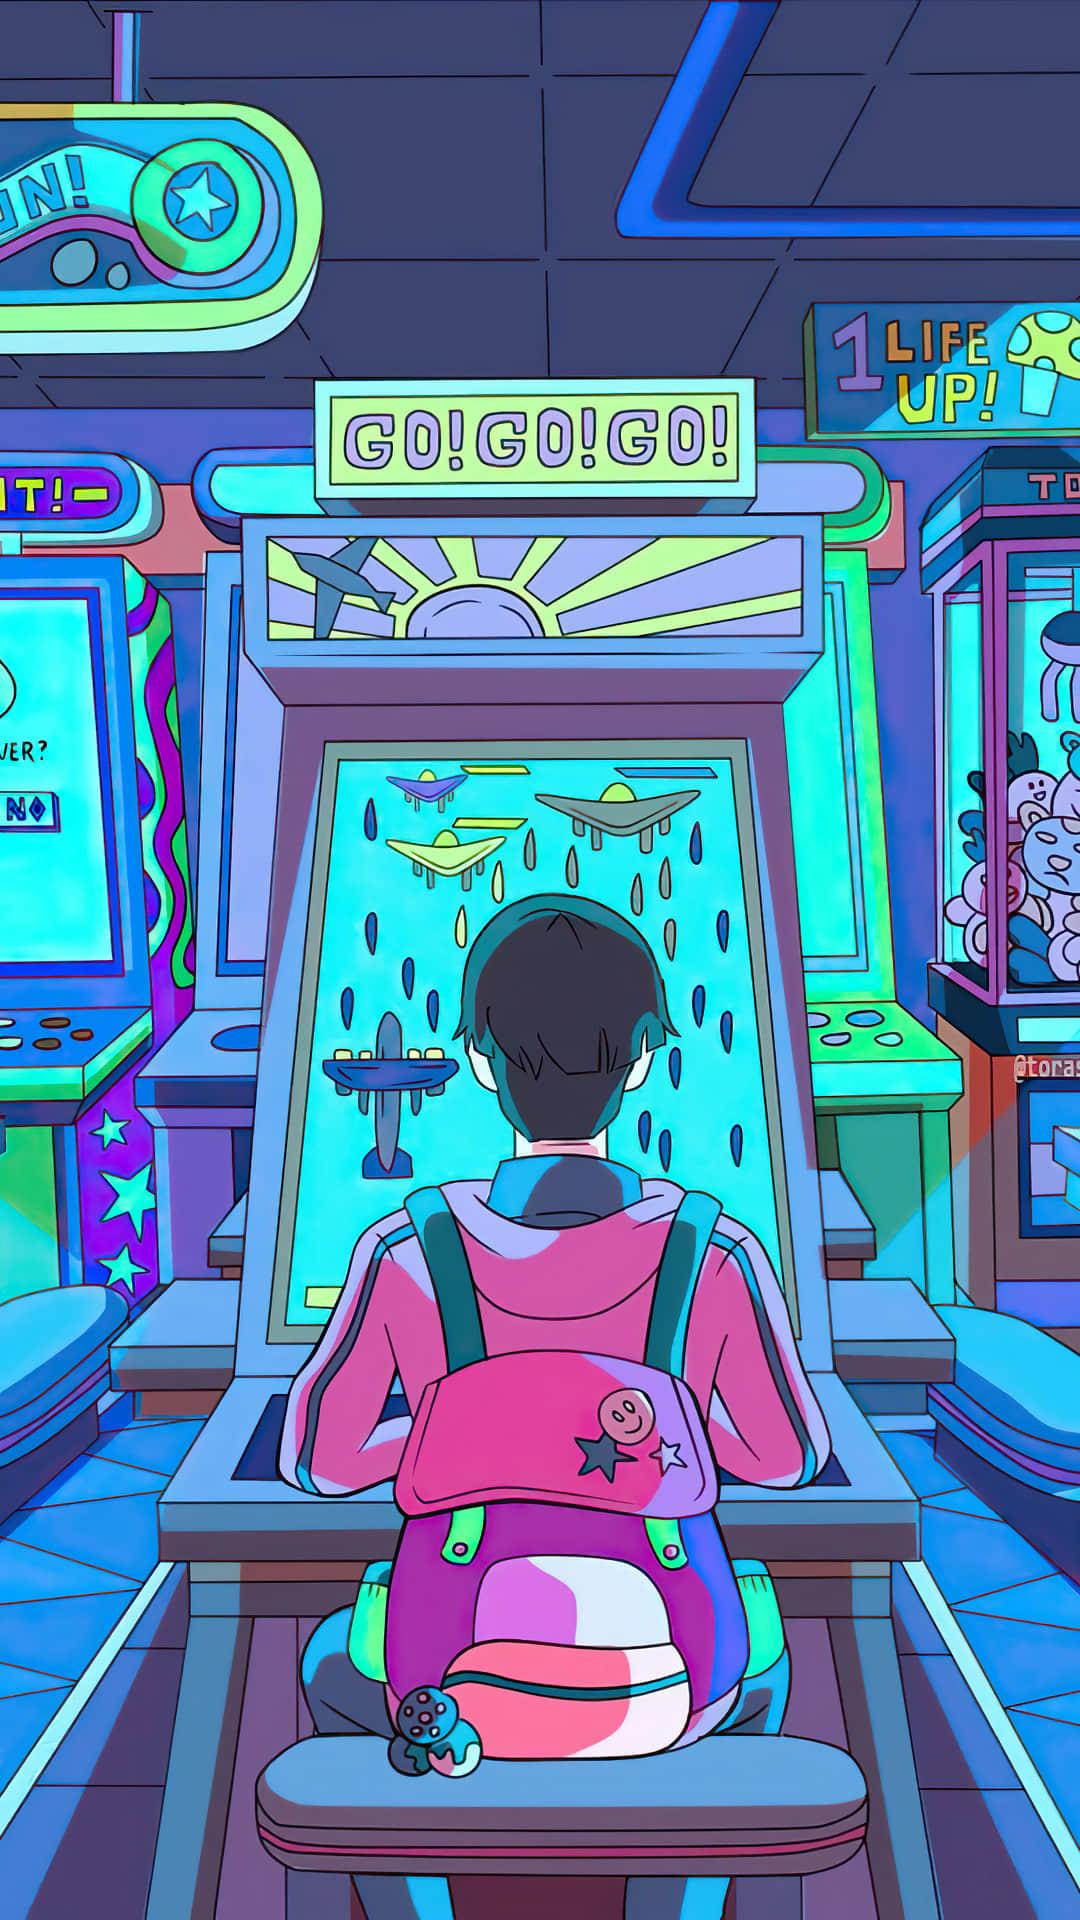 唯美动漫街机游戏机插画壁纸